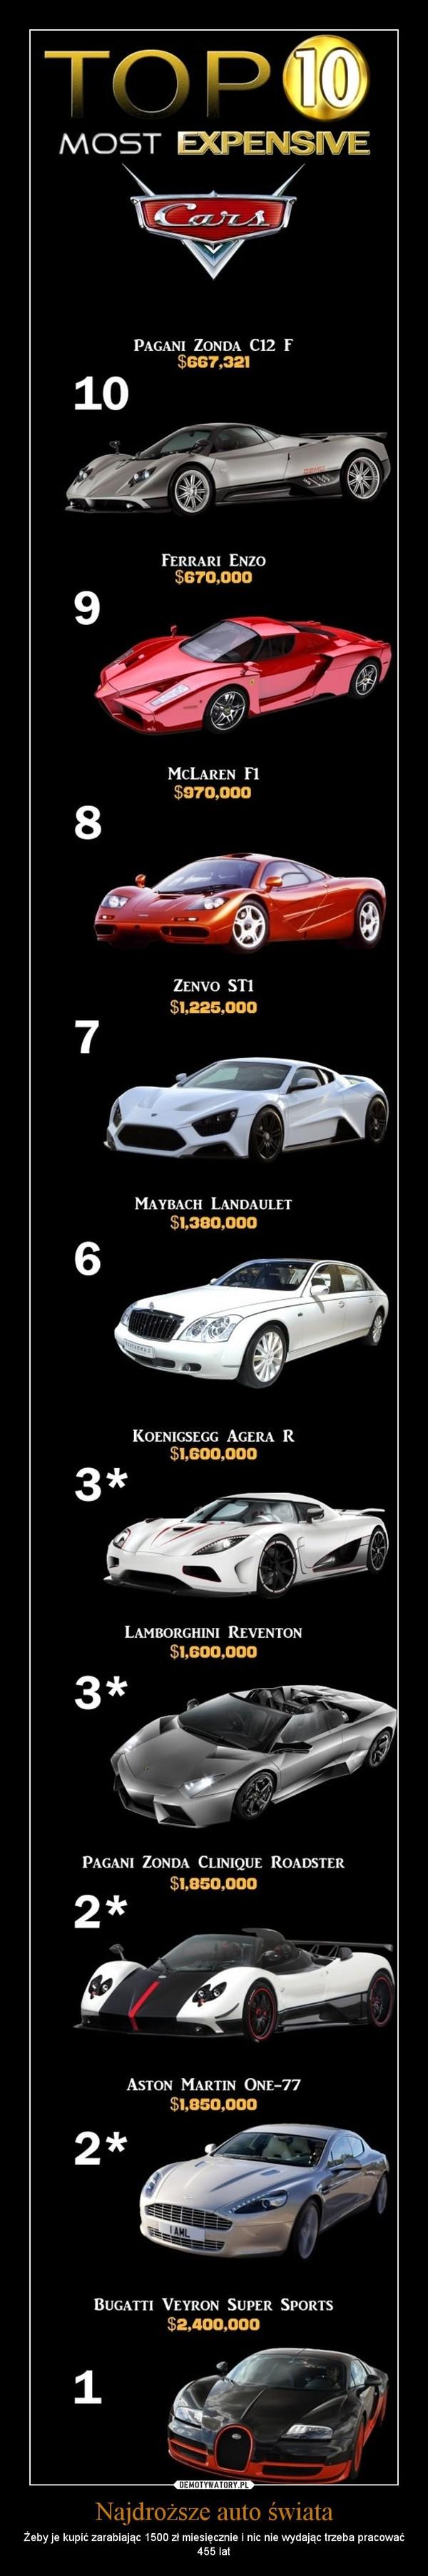 Najdroższe auto świata – Żeby je kupić zarabiając 1500 zł miesięcznie i nic nie wydając trzeba pracować 455 lat